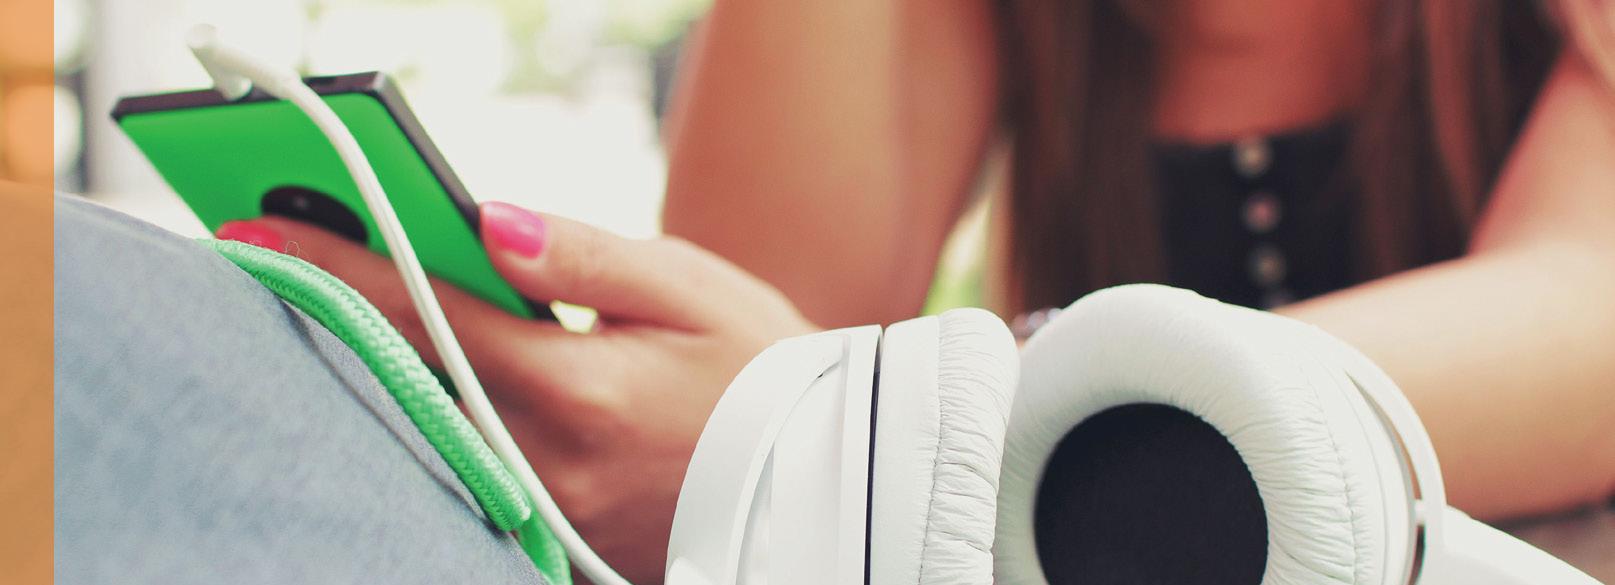 Vrouw met smartphone en koptelefoon